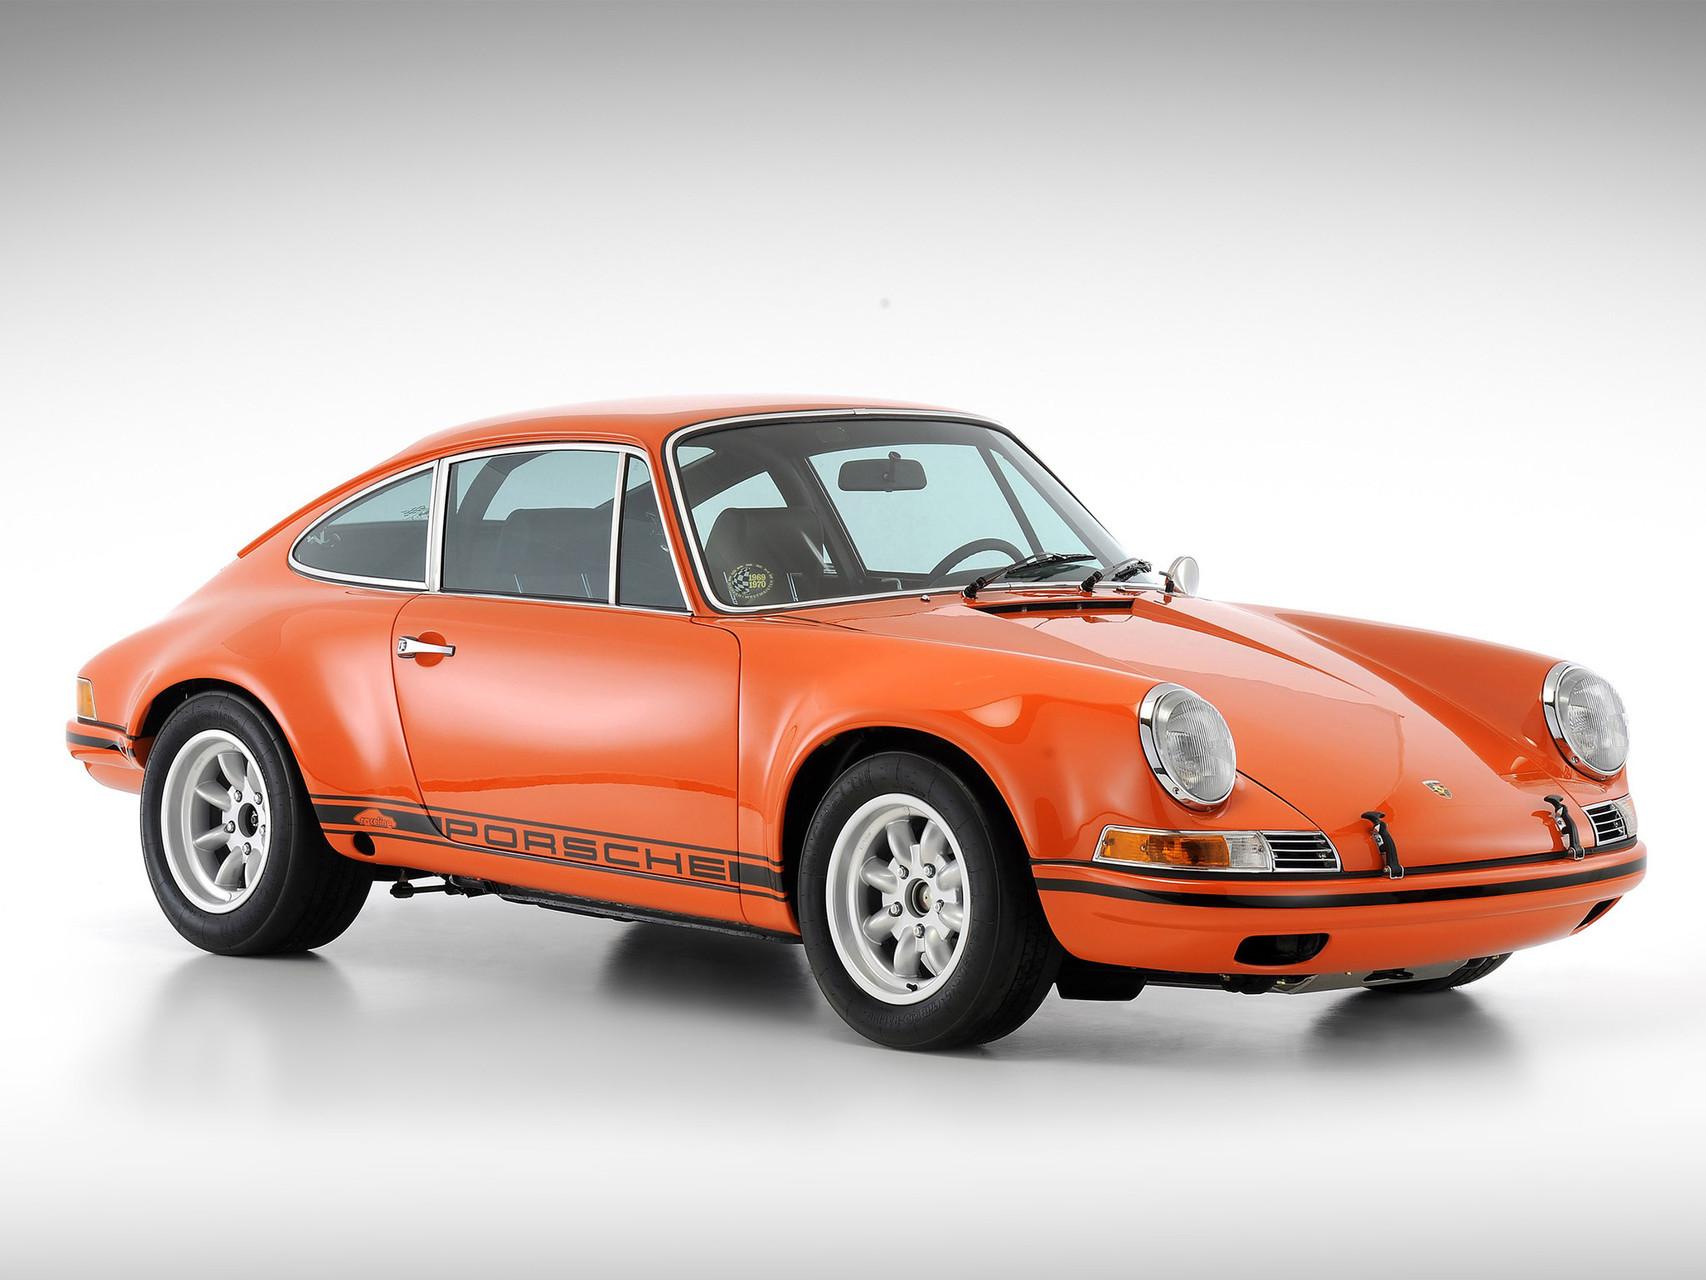 Porsche 911 bis heute - Porsche 911 Panamera - Die Liste ist lang und zeigt die Geschichte der PORSCHE DNA